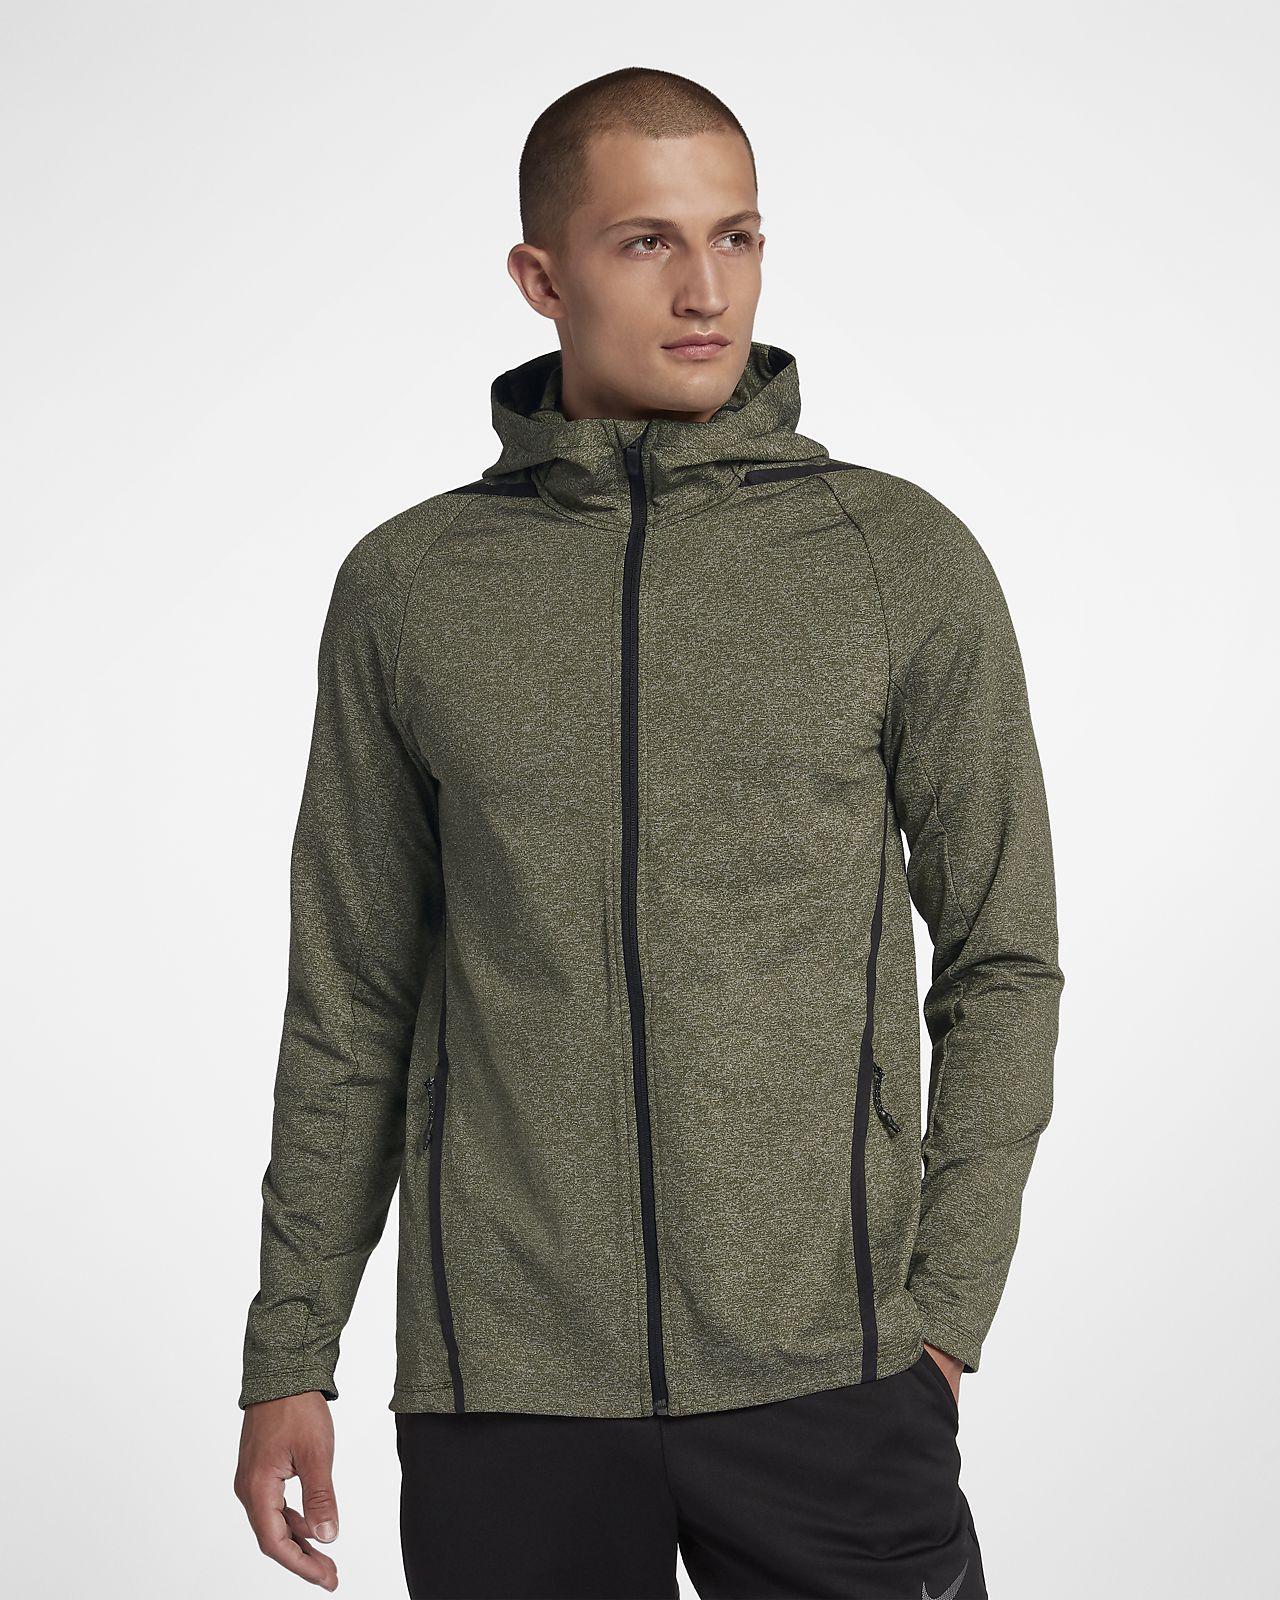 Nike Dri-FIT Sudadera de entrenamiento de manga larga con capucha y cremallera completa - Hombre